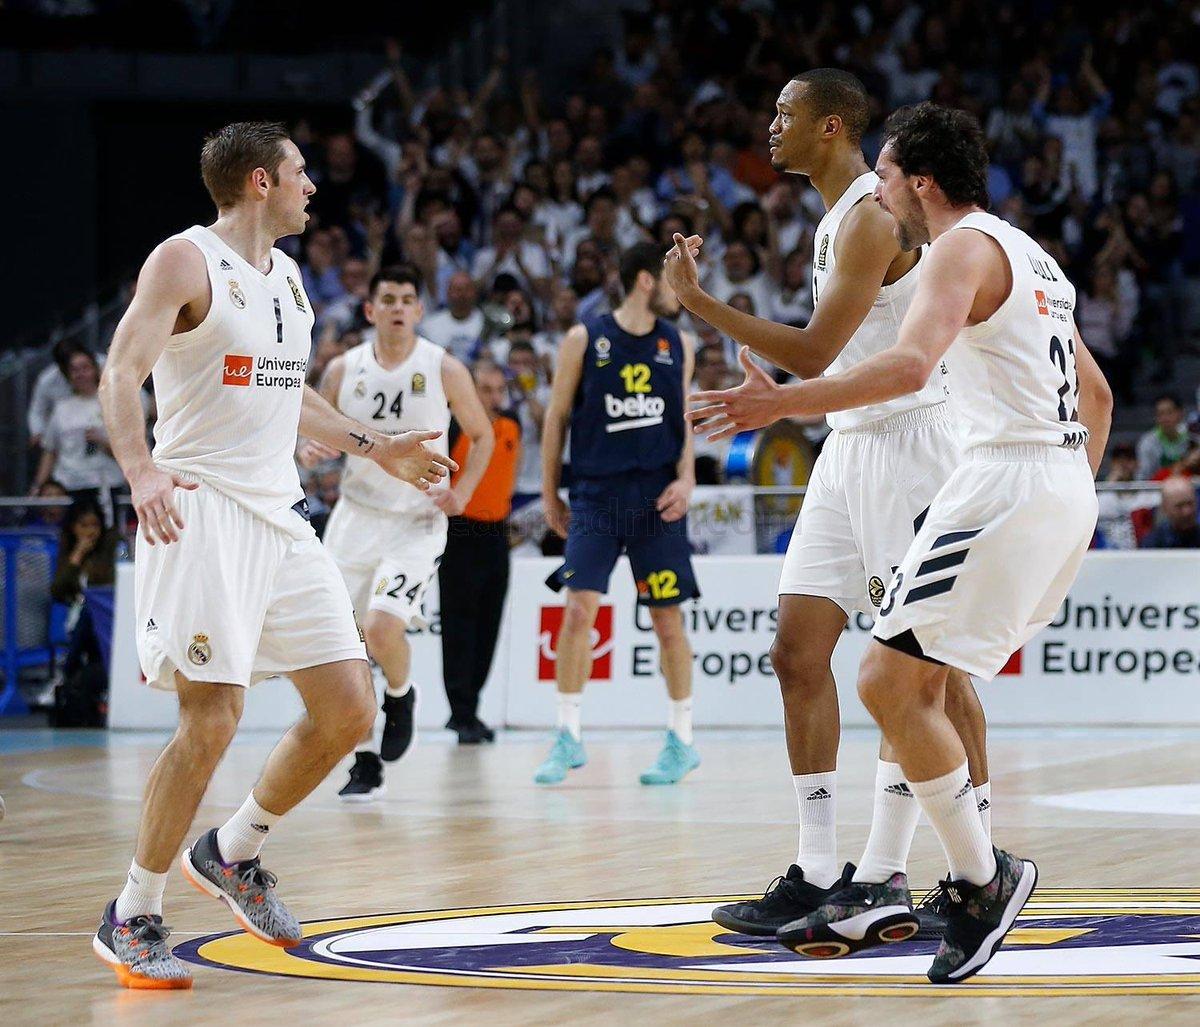 Cerca de acabar la fase regular en @EuroLeague. Vamos a seguir fuertes para acabar arriba 💪🏻👊🏻